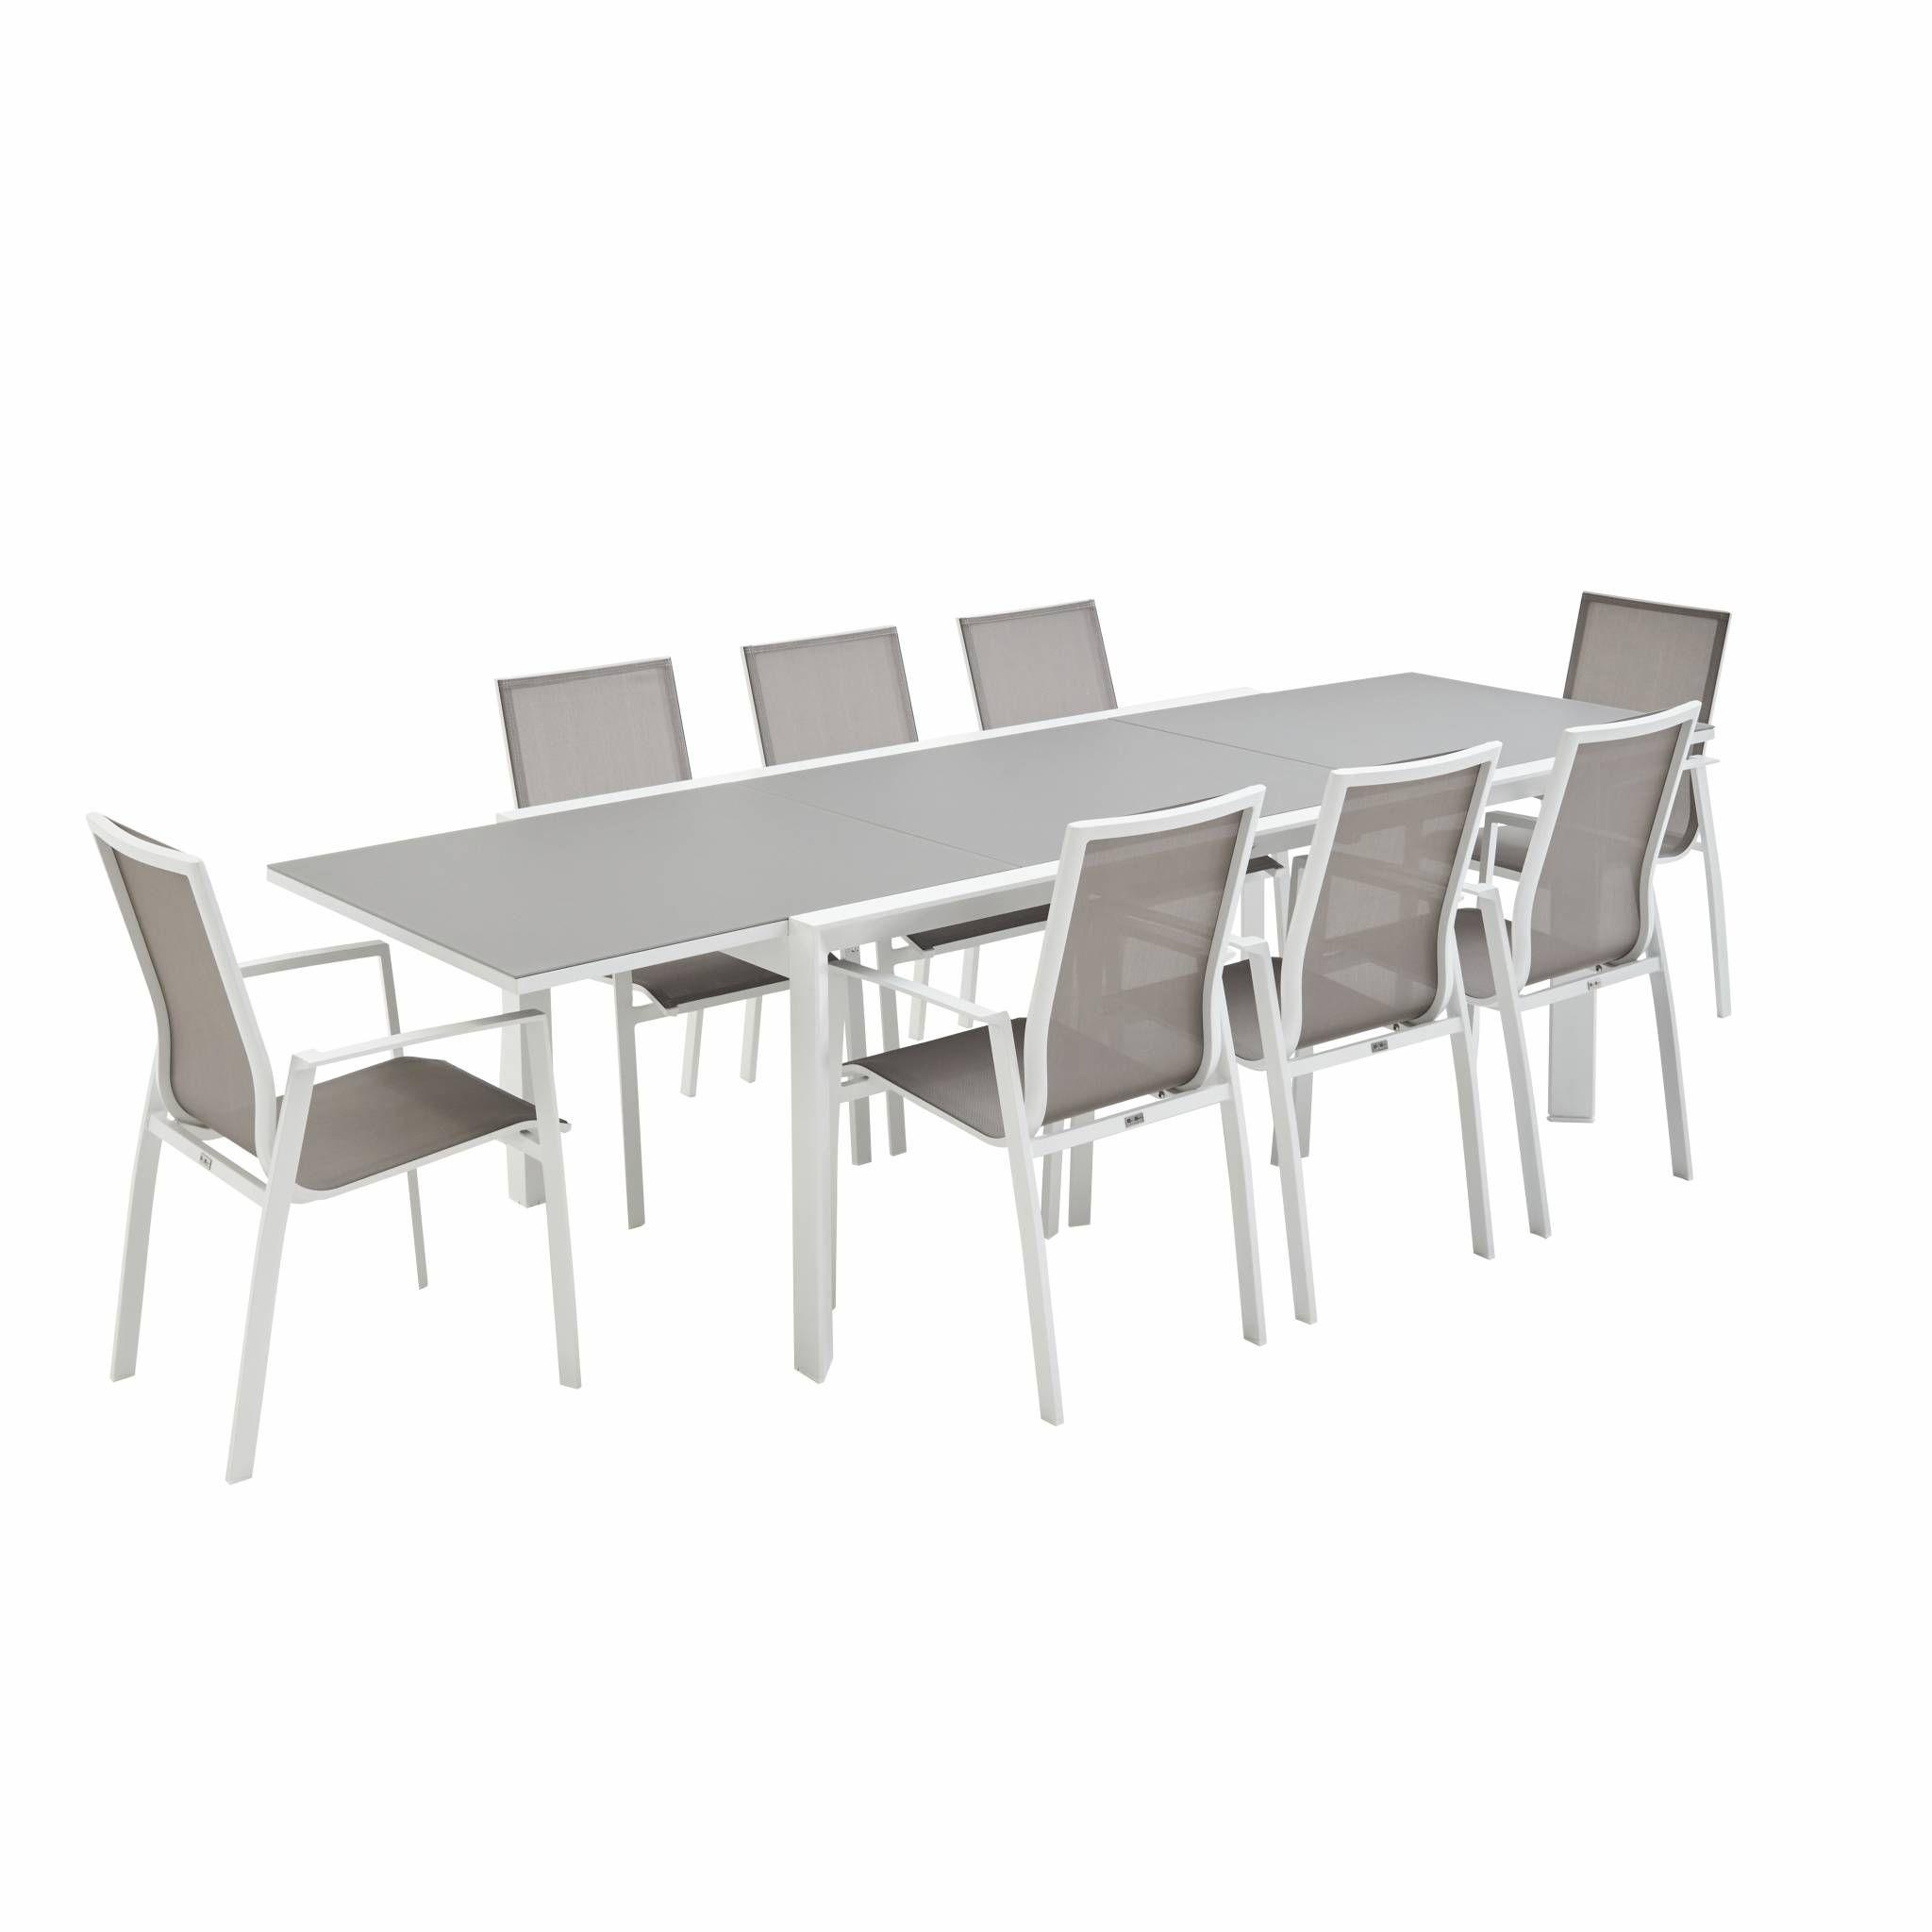 Salon de jardin table extensible - Washington Taupe - Table en aluminium  200/300cm, plateau en verre dépoli, rallonge et 8